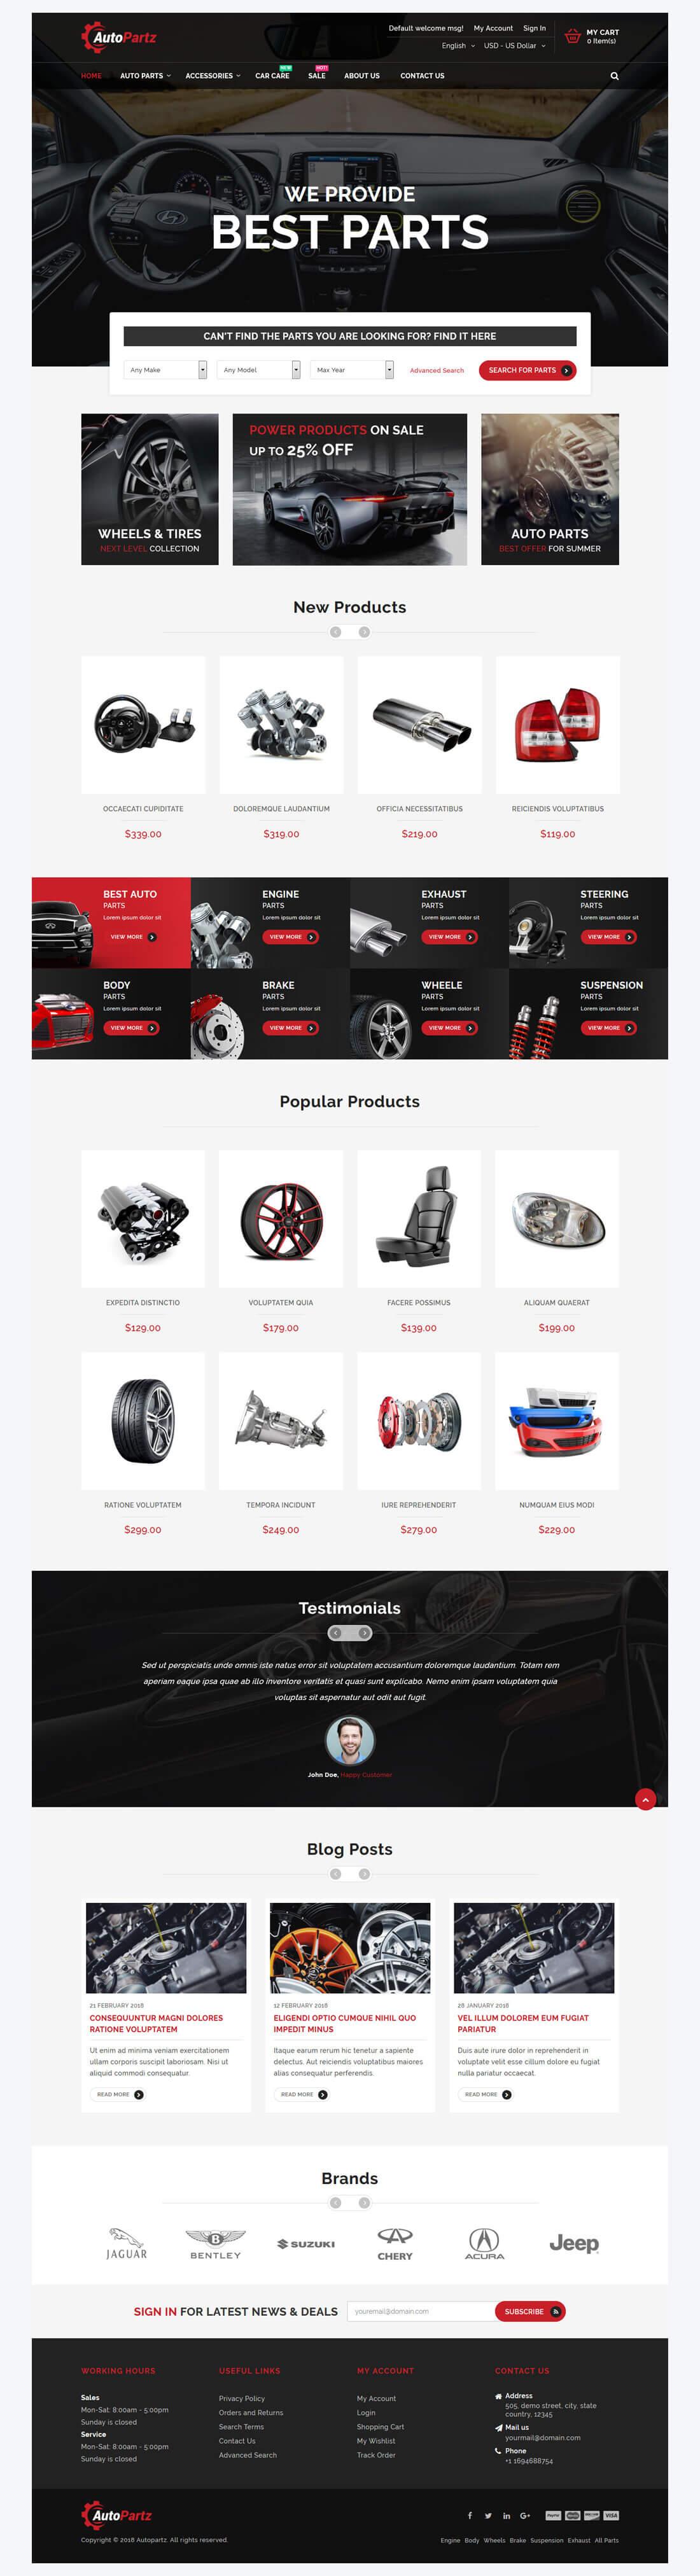 AutoPartz - Home Page Overview